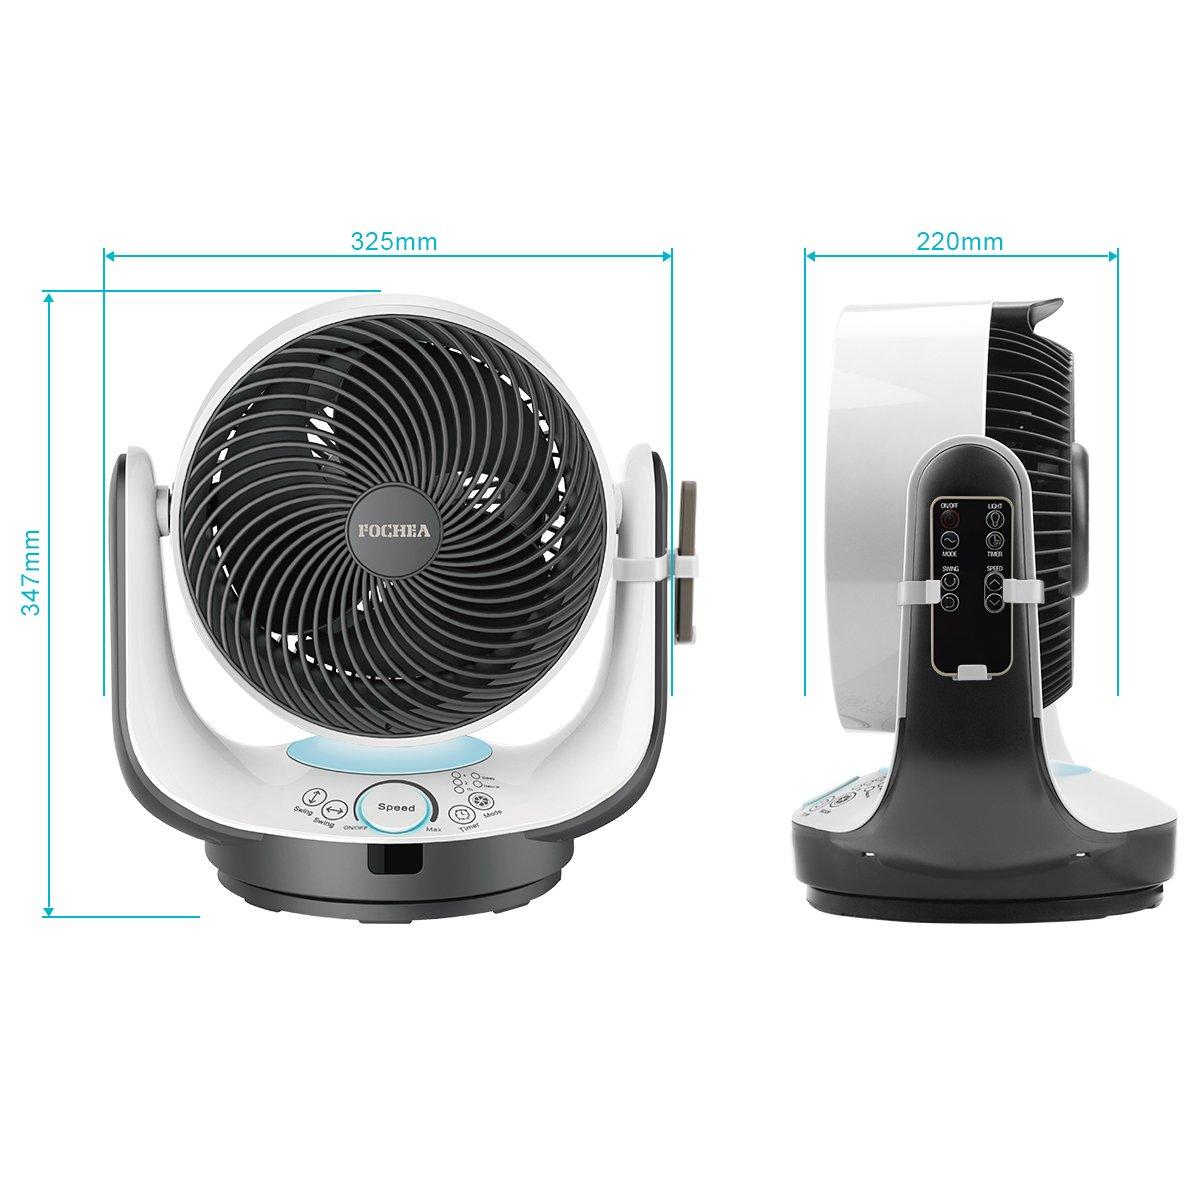 Fochea Ventilador de Mesa Potente Ventilador Turbo/Ventilador de Circulador Multifunción con Control Remoto, 3 Modo y 8 Velocidades Ajustables, Temporizador ...